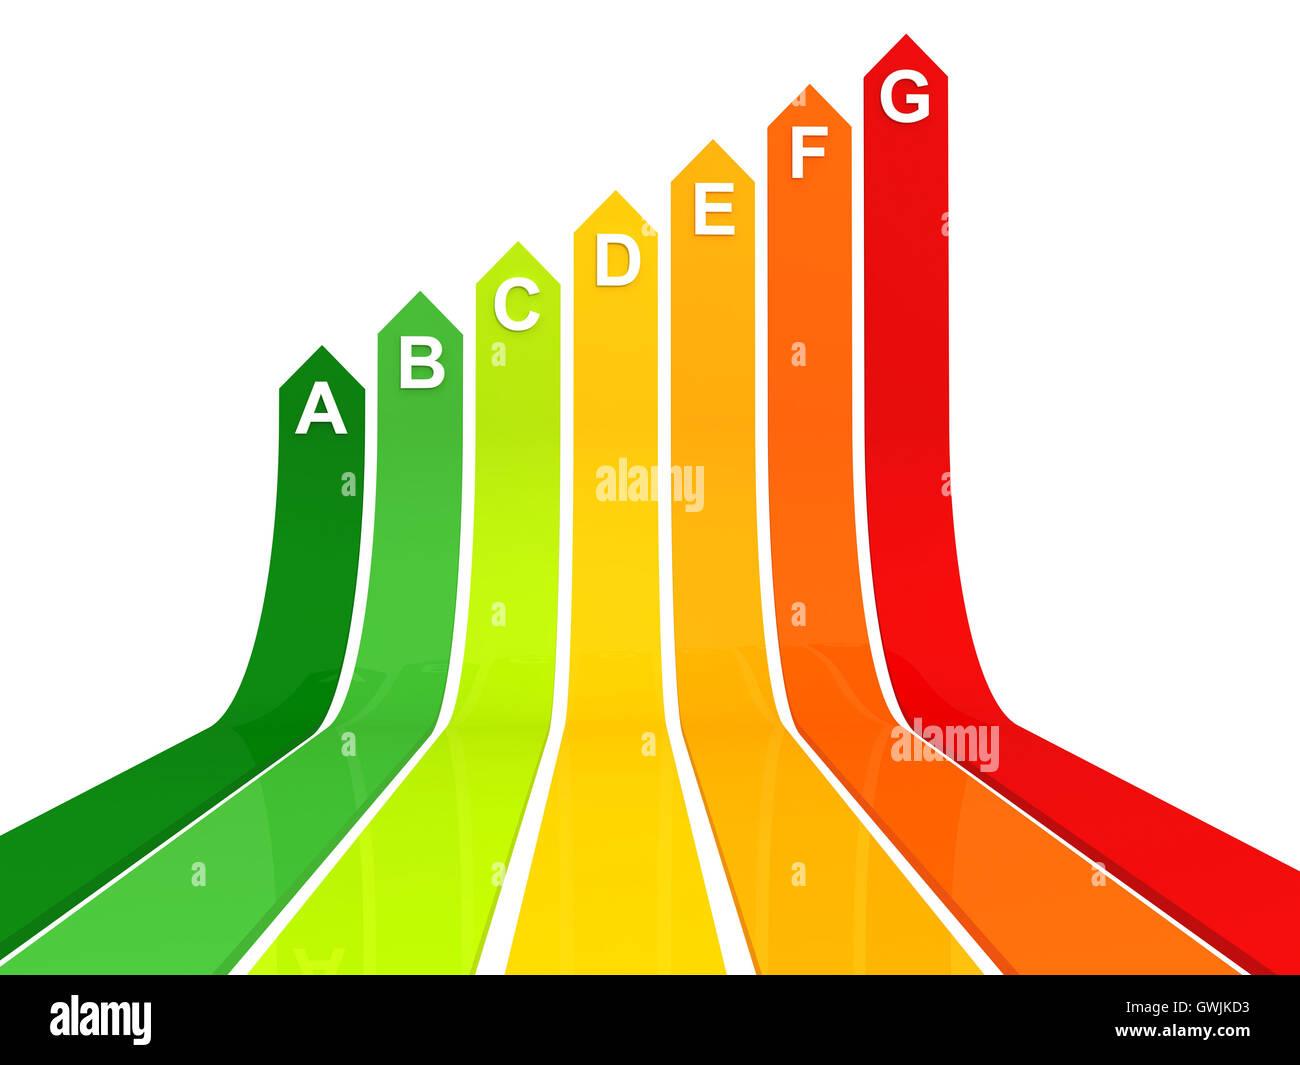 Energie-Effizienz bar Chart Konzept 3d illustration Stockbild